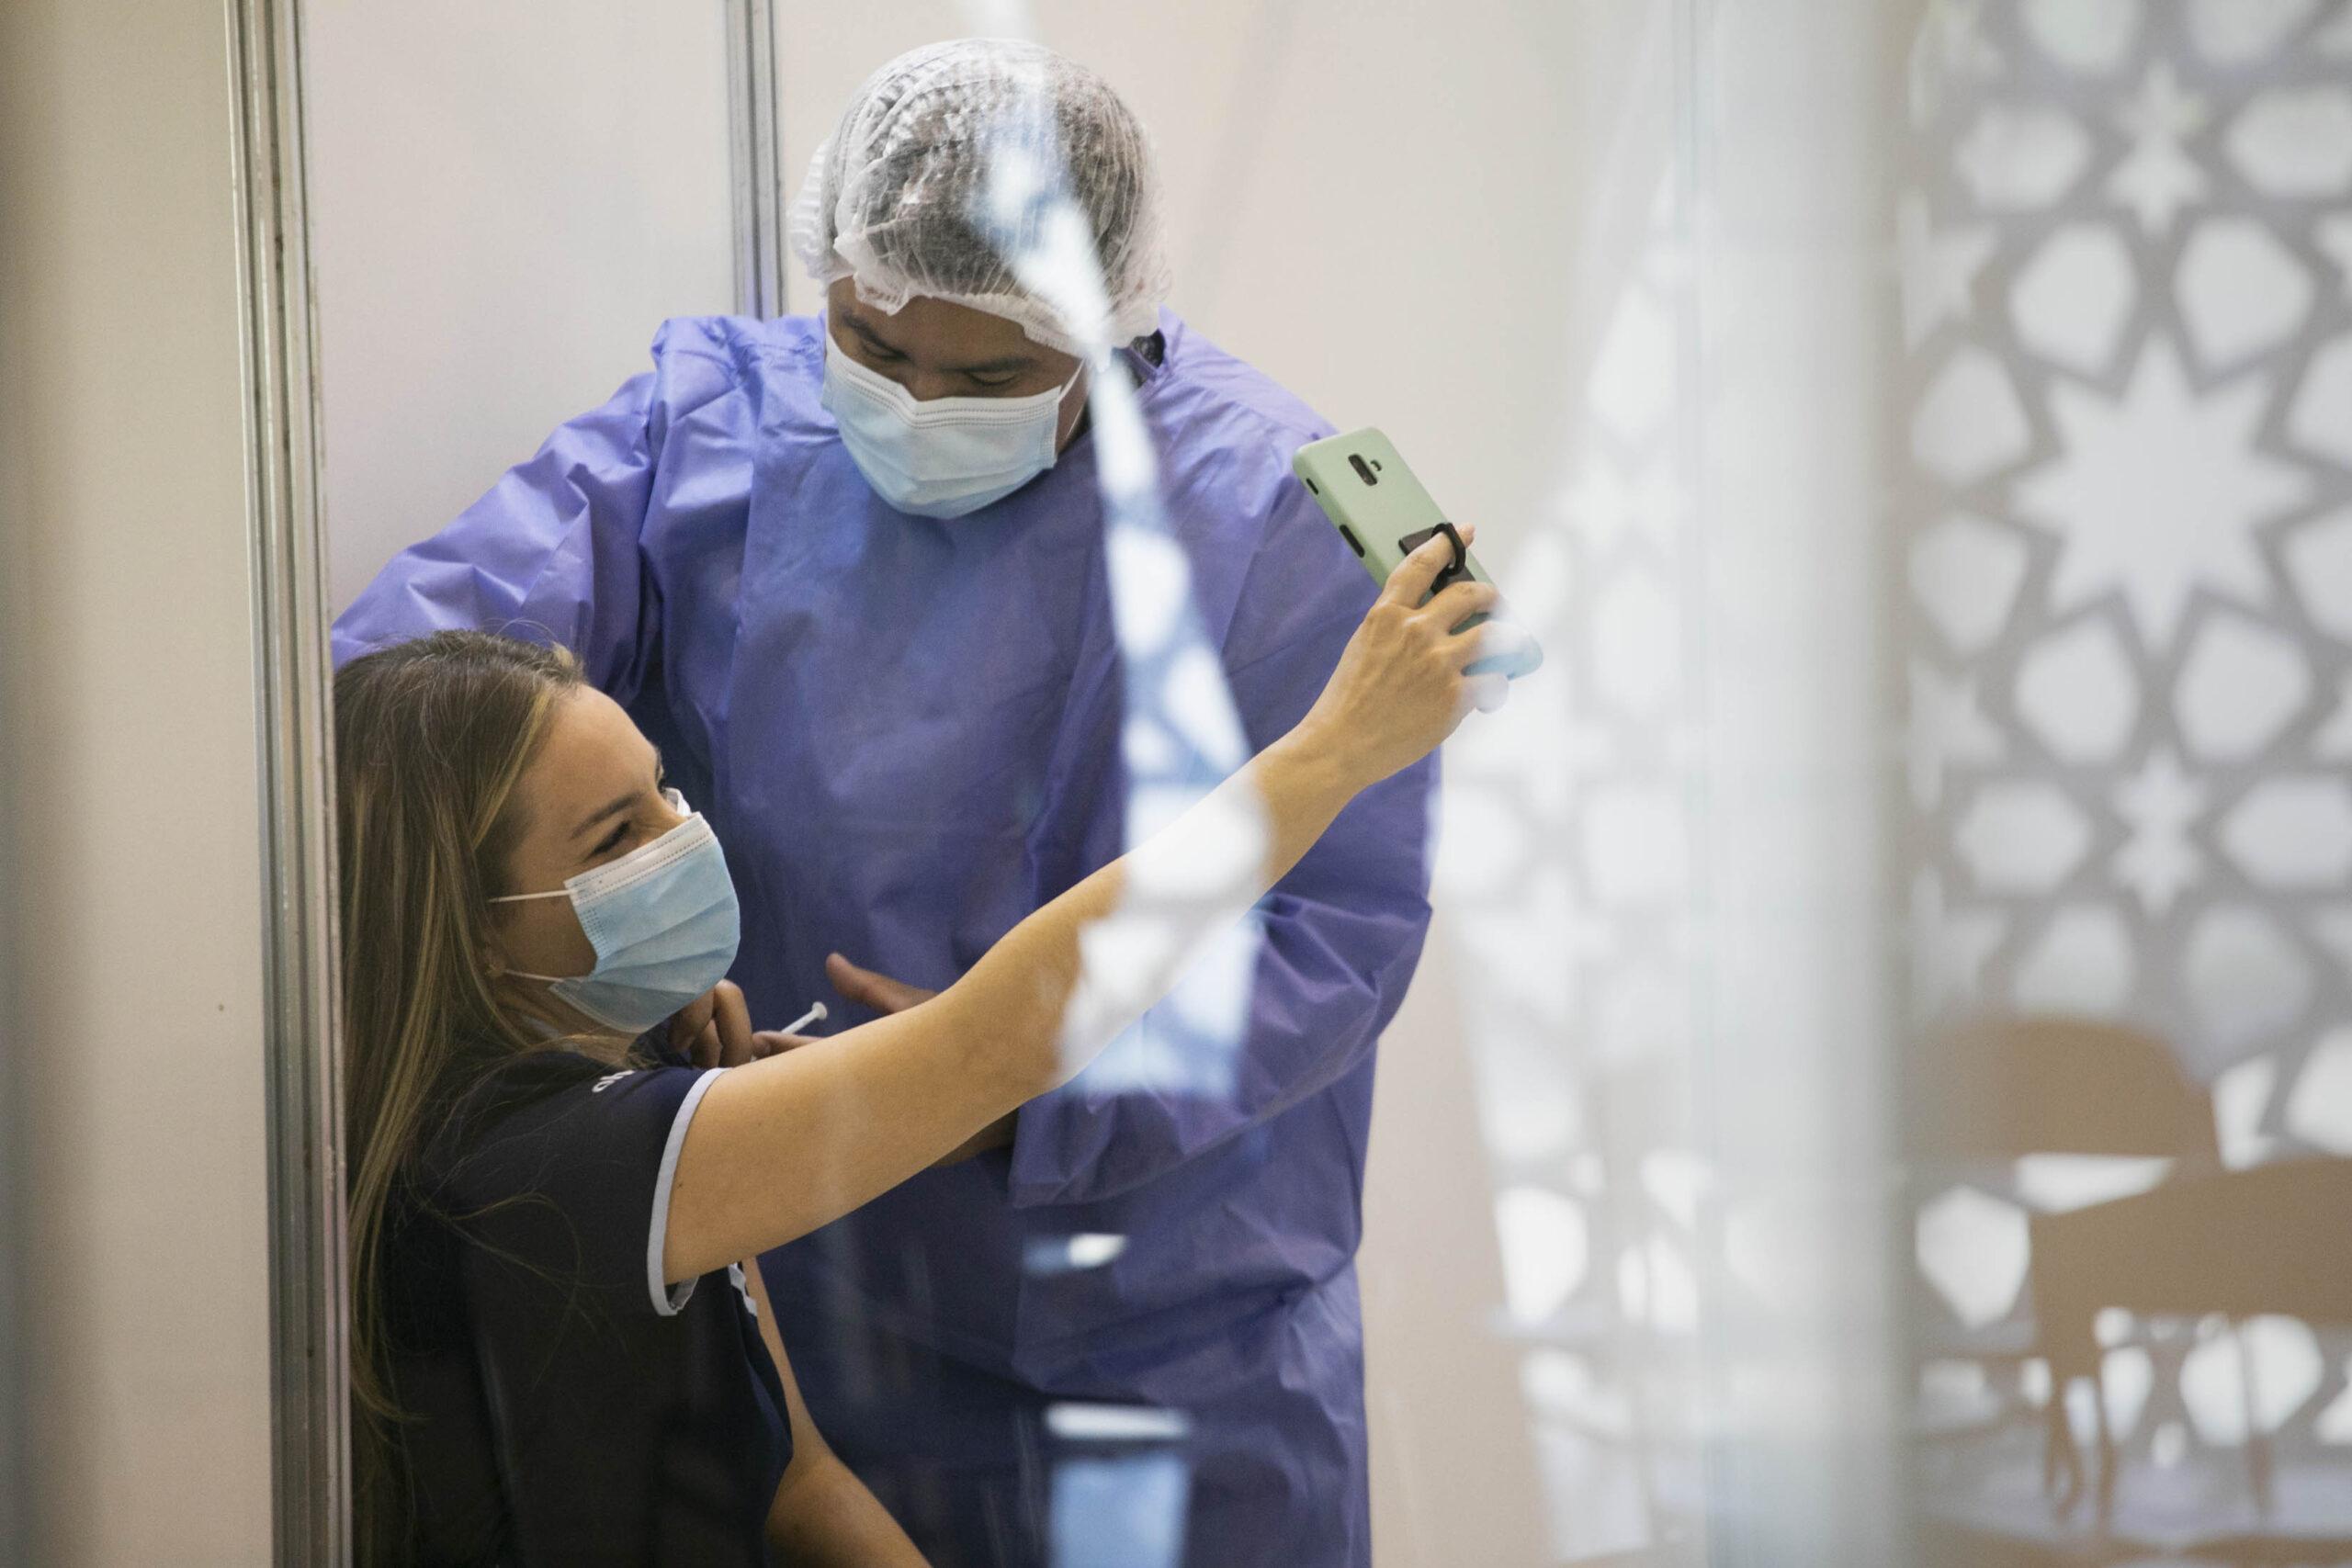 15 vacunatorio centro isl mico 30 fotos alberto raggio miggcba 1 scaled